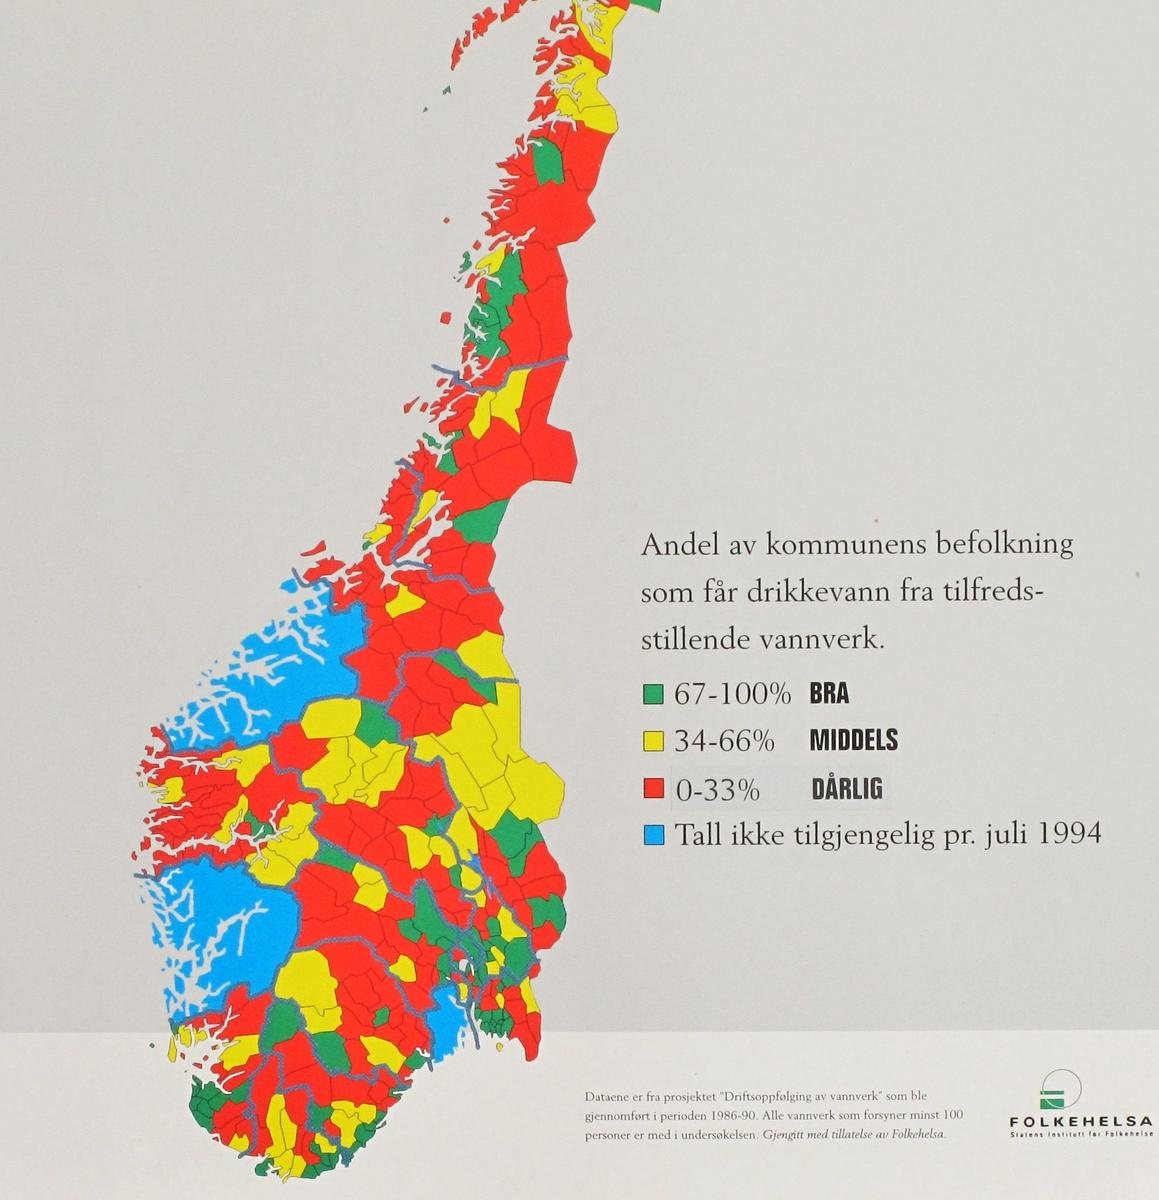 Kart over Sør-Norge med kommuner klassifisert etter kvaliteten på  drikkevann.